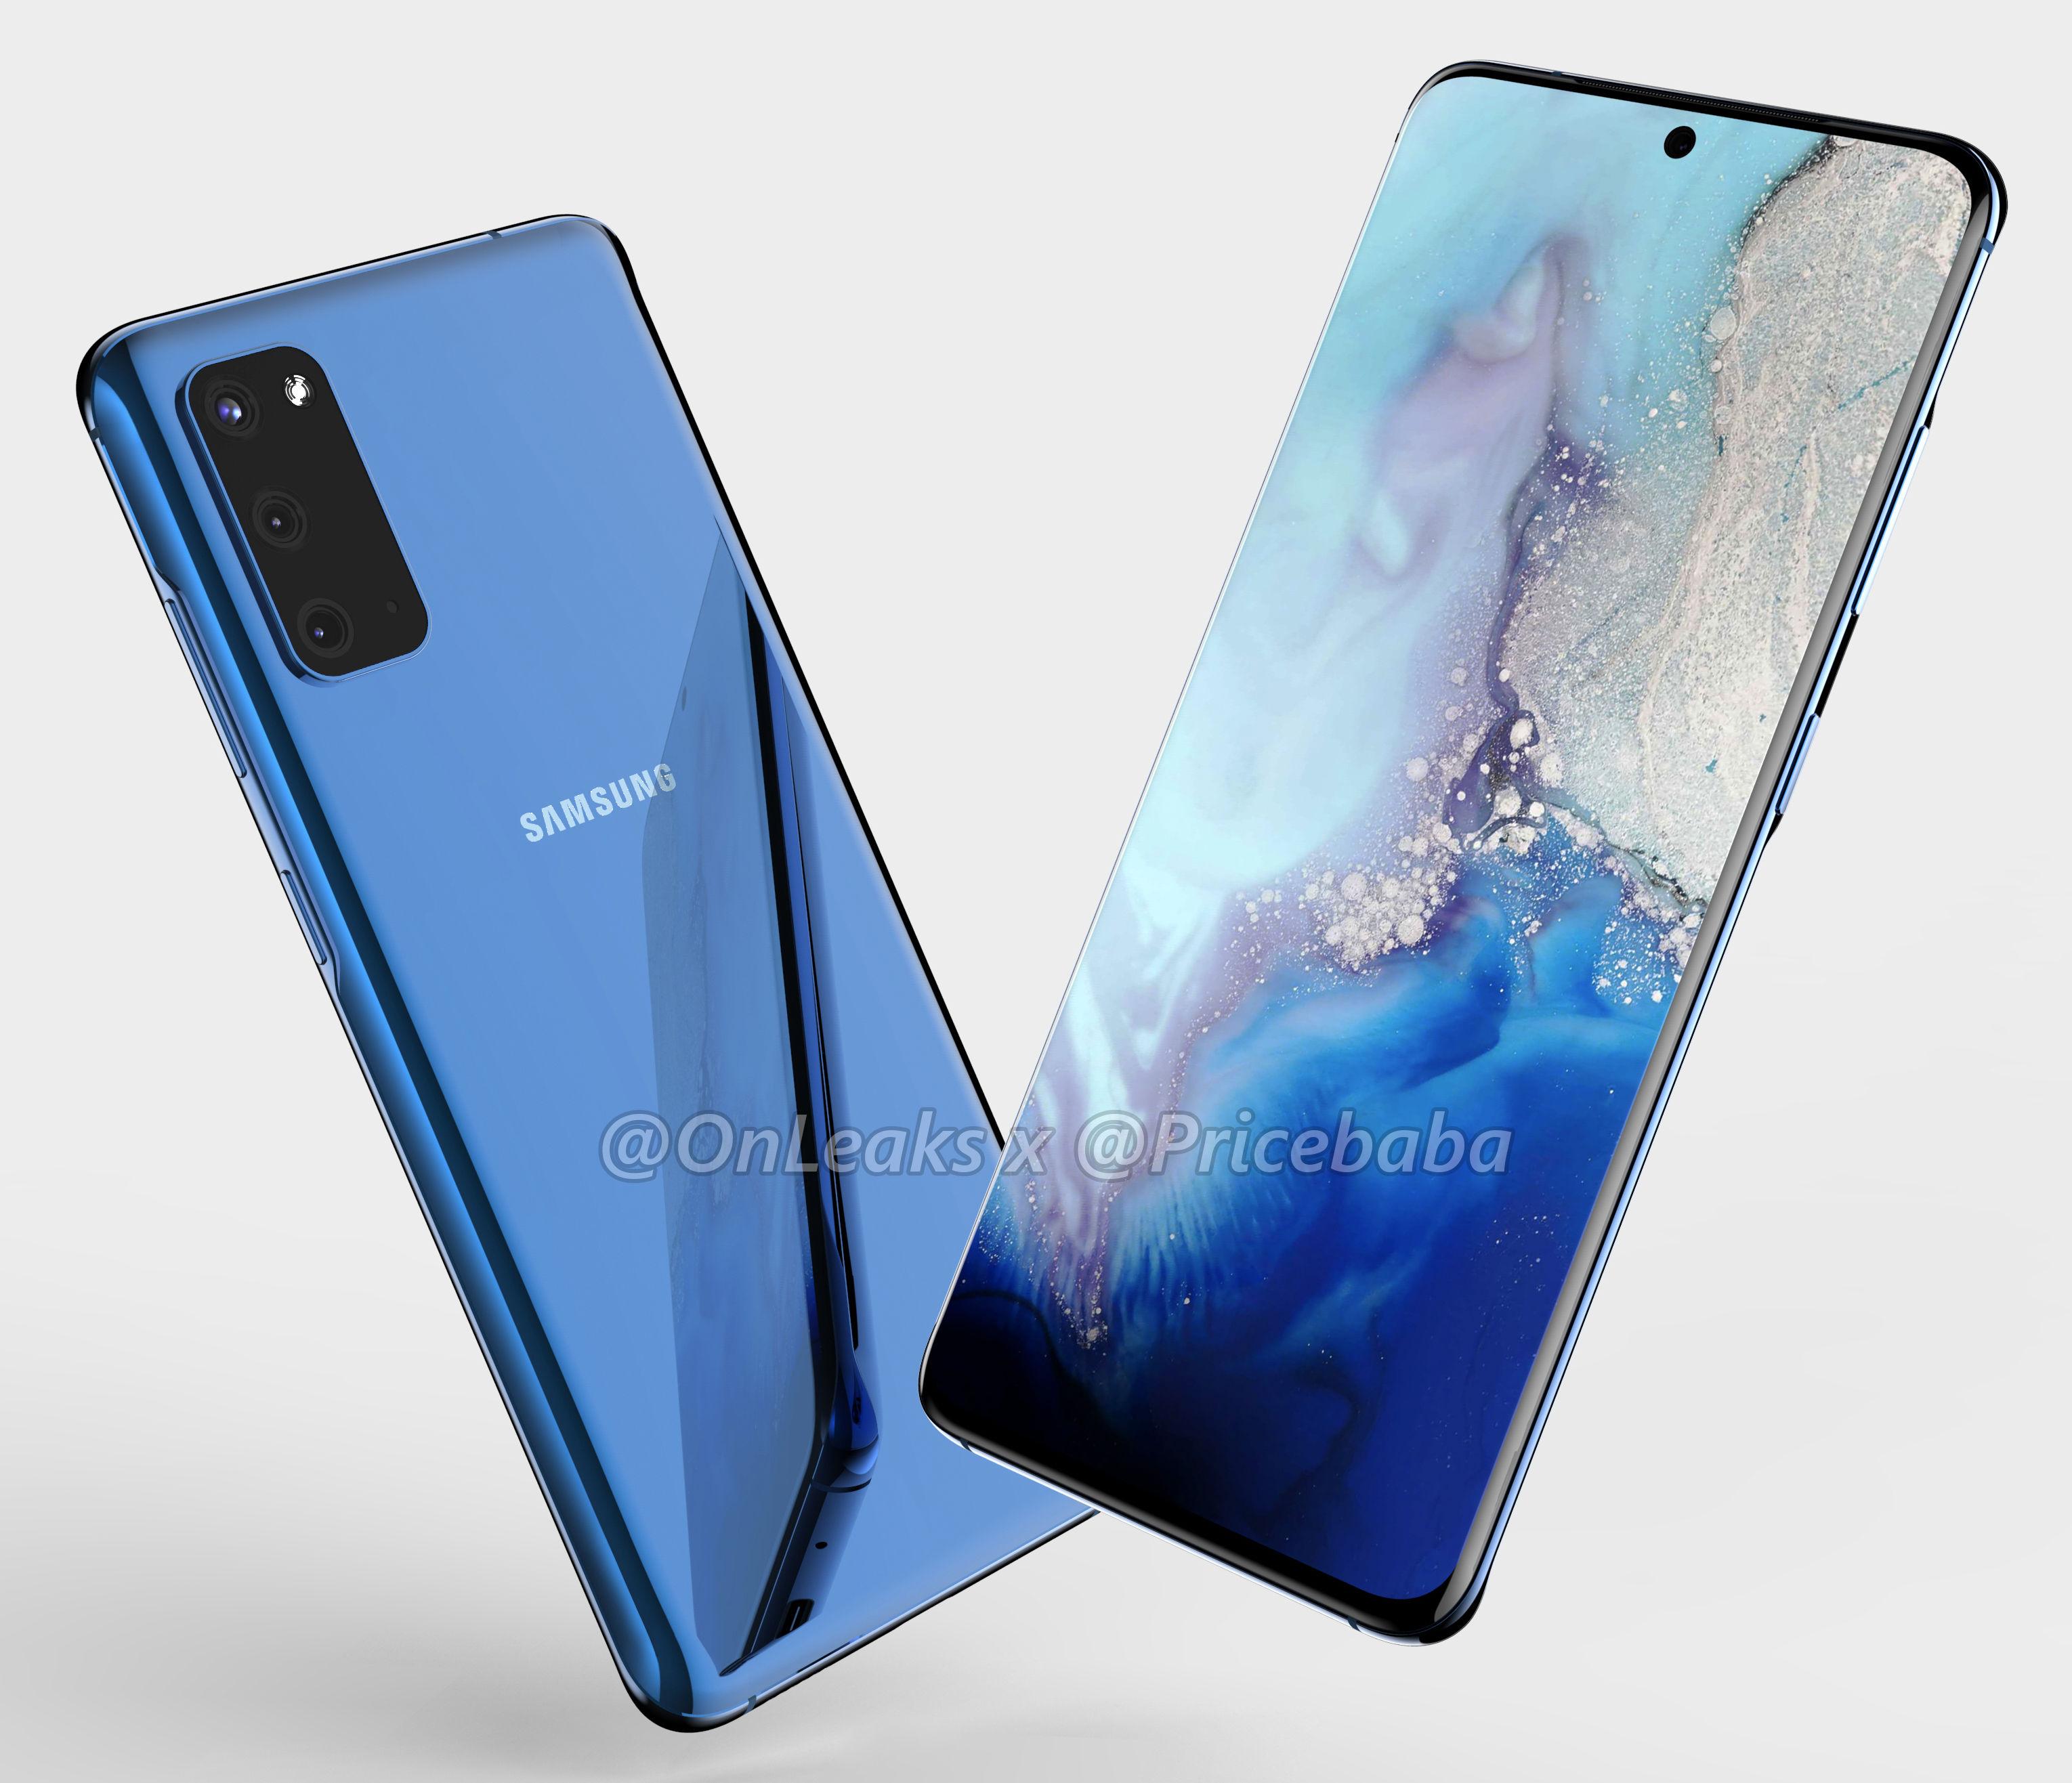 3 actualités qui ont marqué la semaine : prix des galaxy S20, alternative à Maps chez Huawei et déploiement EMUI10